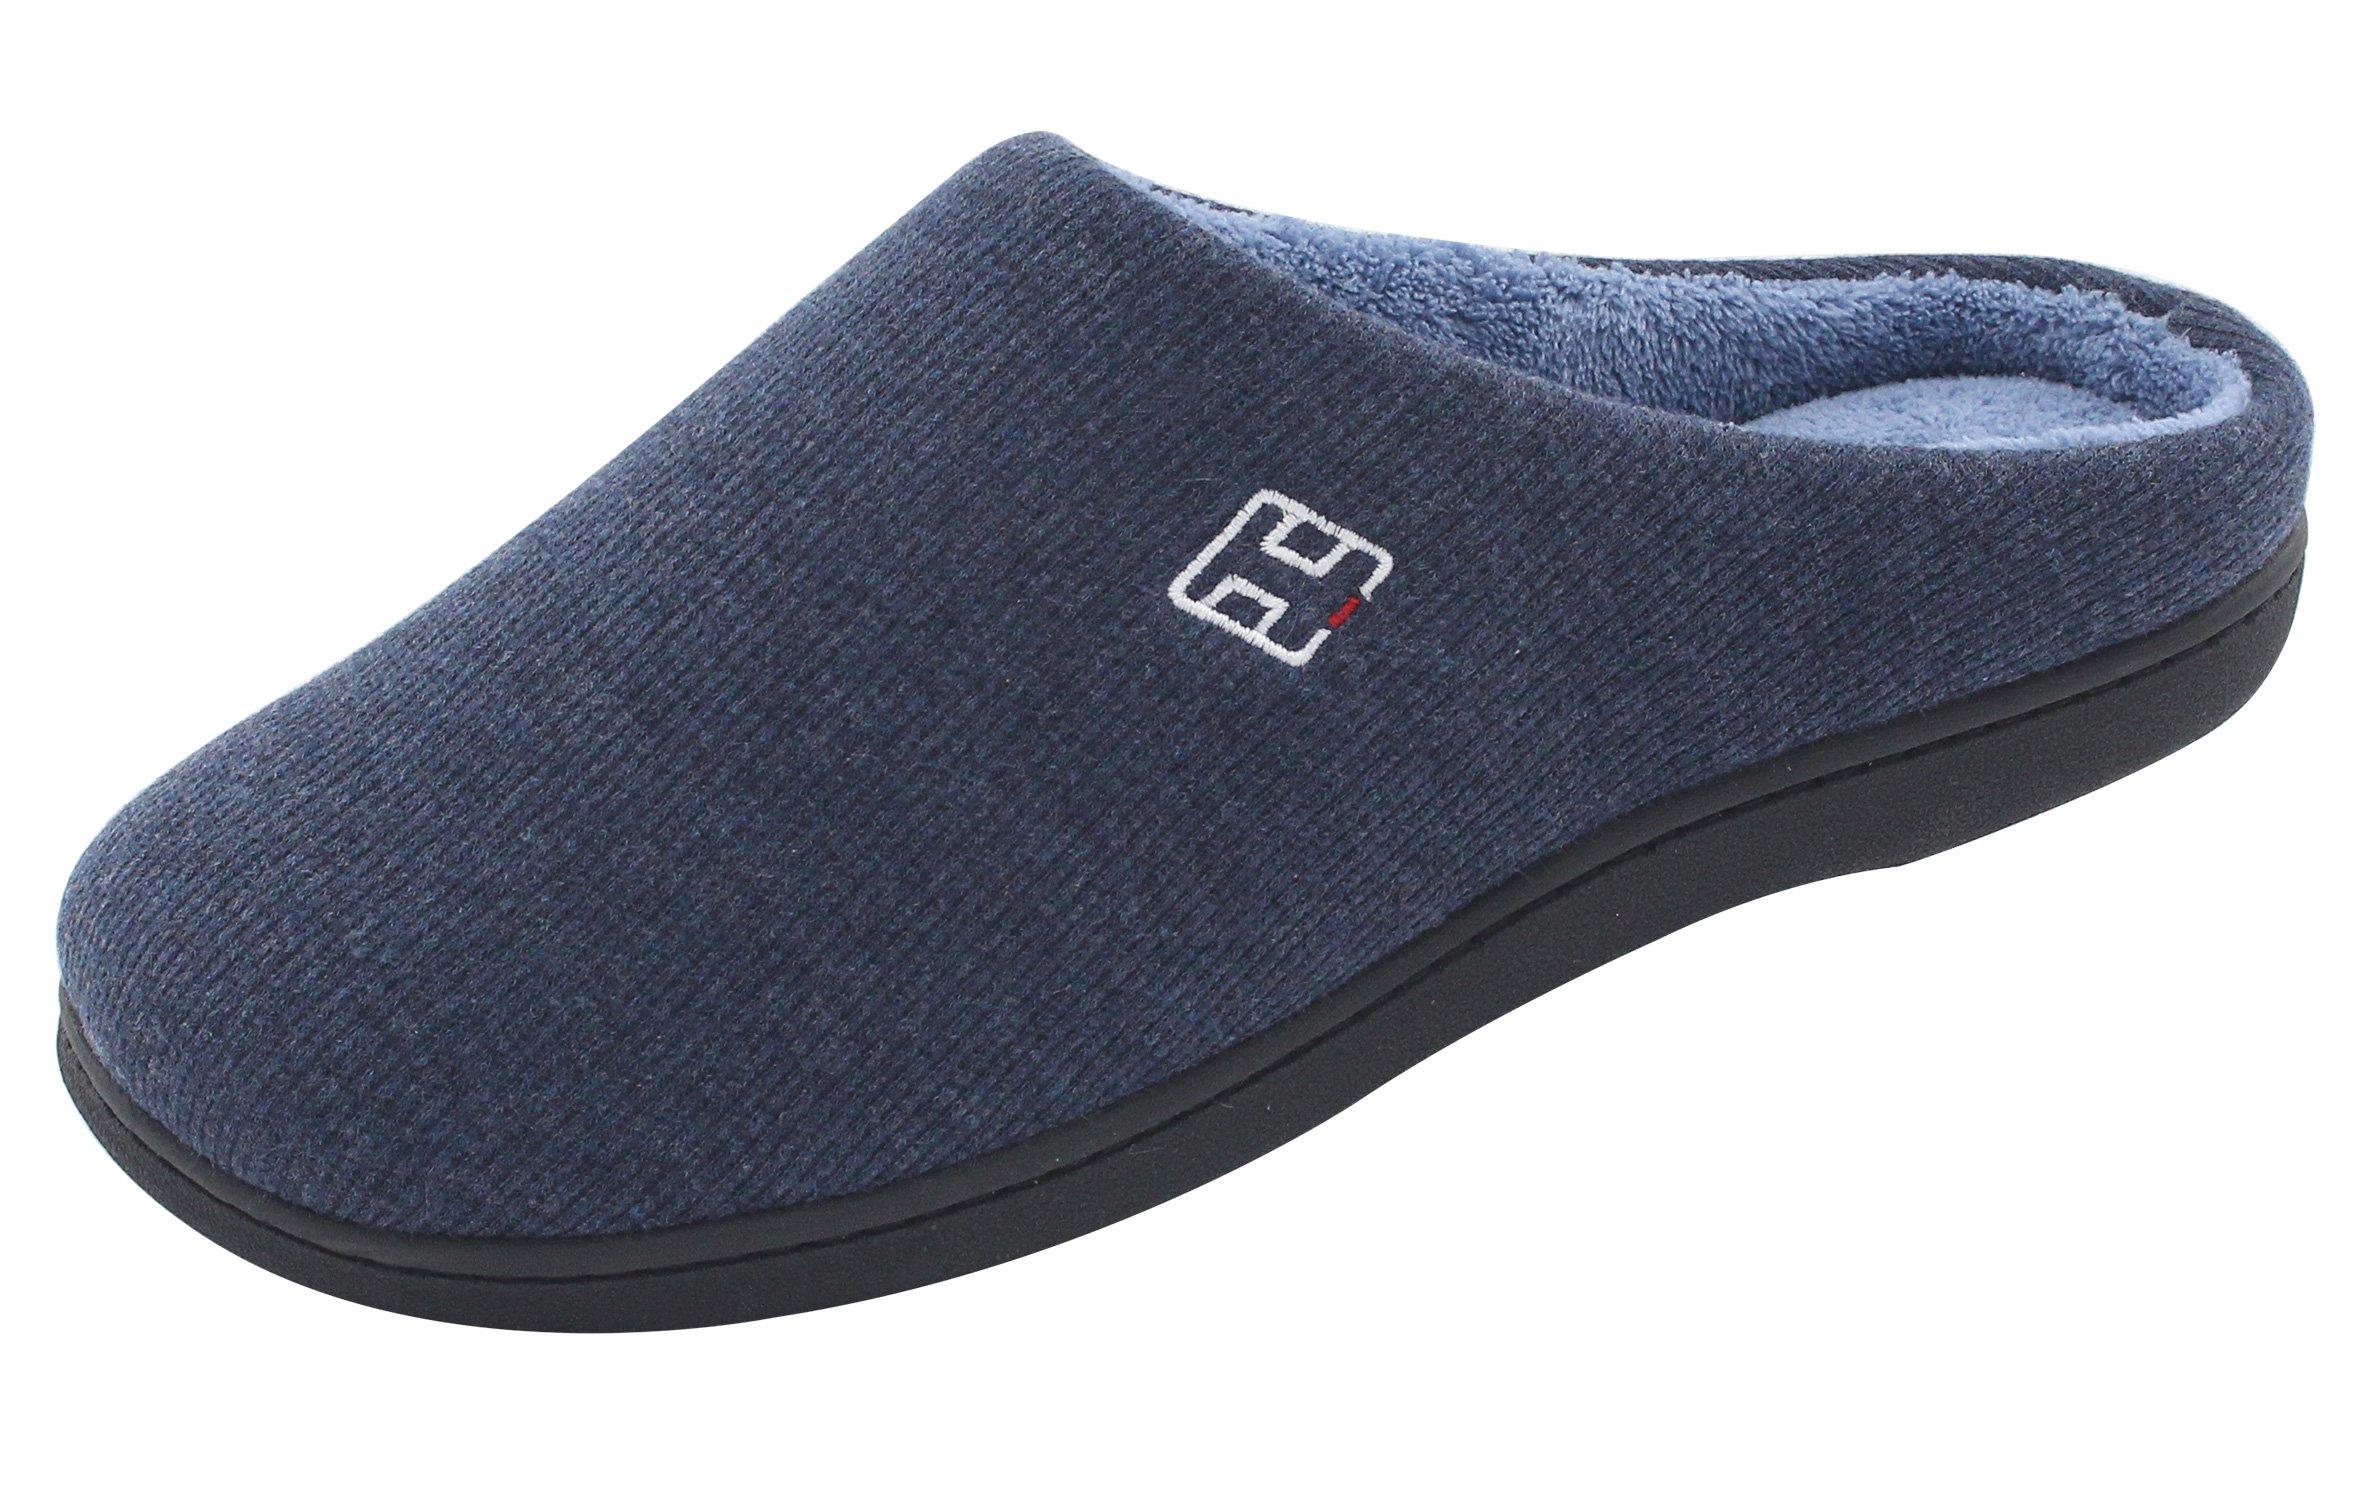 HomeIdeas Men's Cotton Memory Foam Anti-Slip Slip On House Slippers (Large / 11-12 D(M) US, Navy Blue)